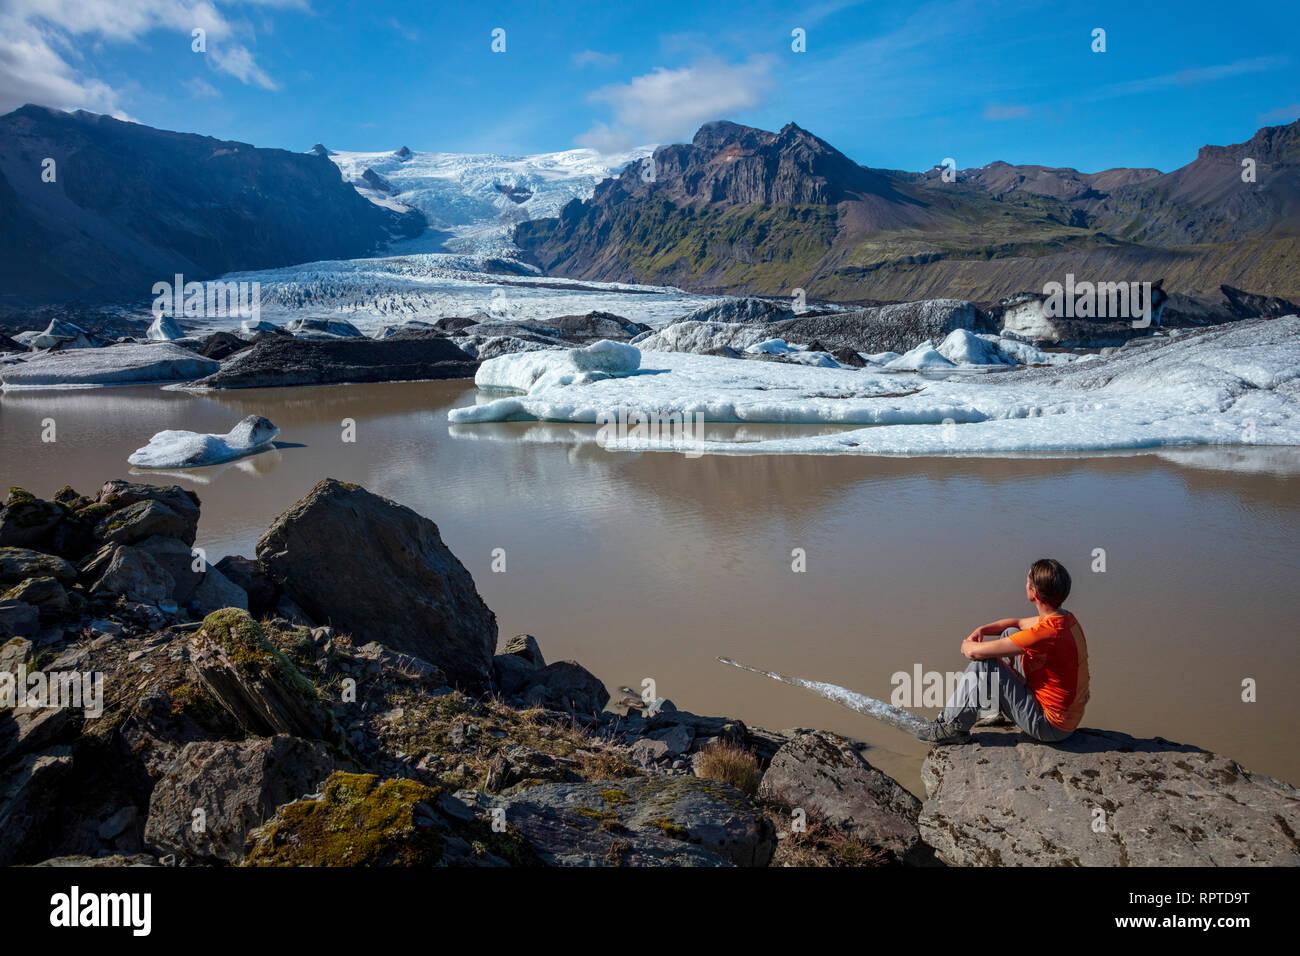 Persona accanto a Kviarjokull ghiacciaio e il Lago Moraine. Vatnajokull National Park, Sudhurland, sud est dell'Islanda. Foto Stock